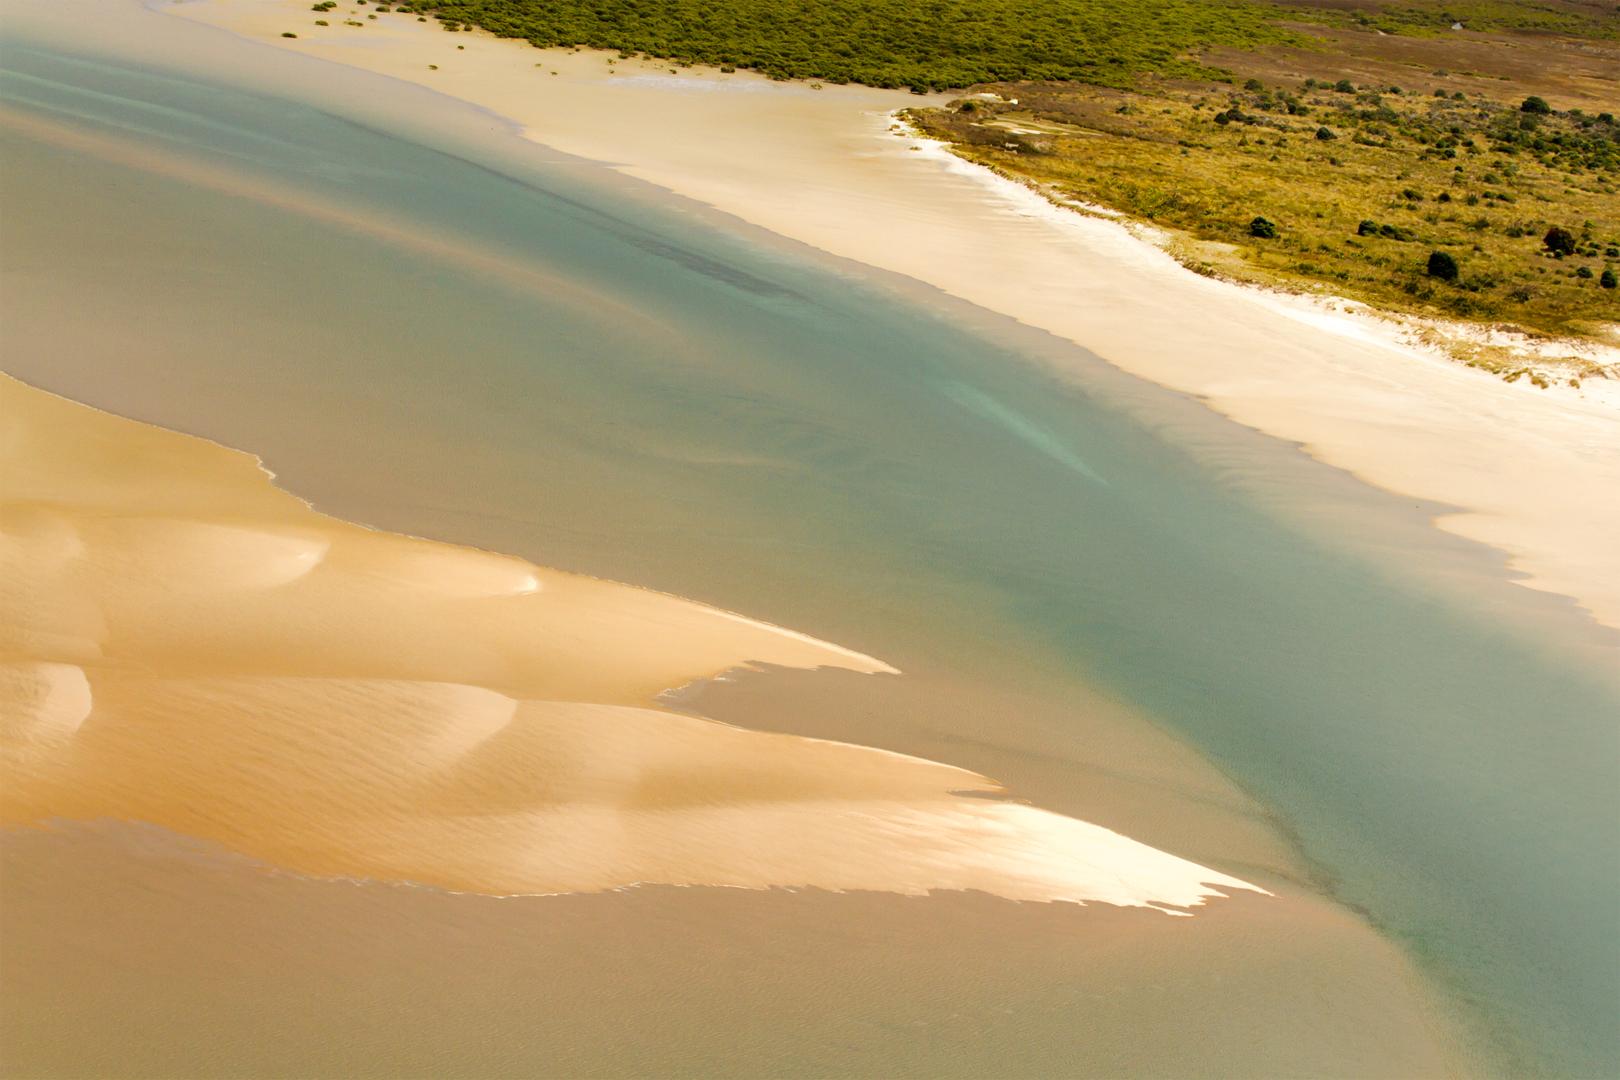 Slabs of sandbank